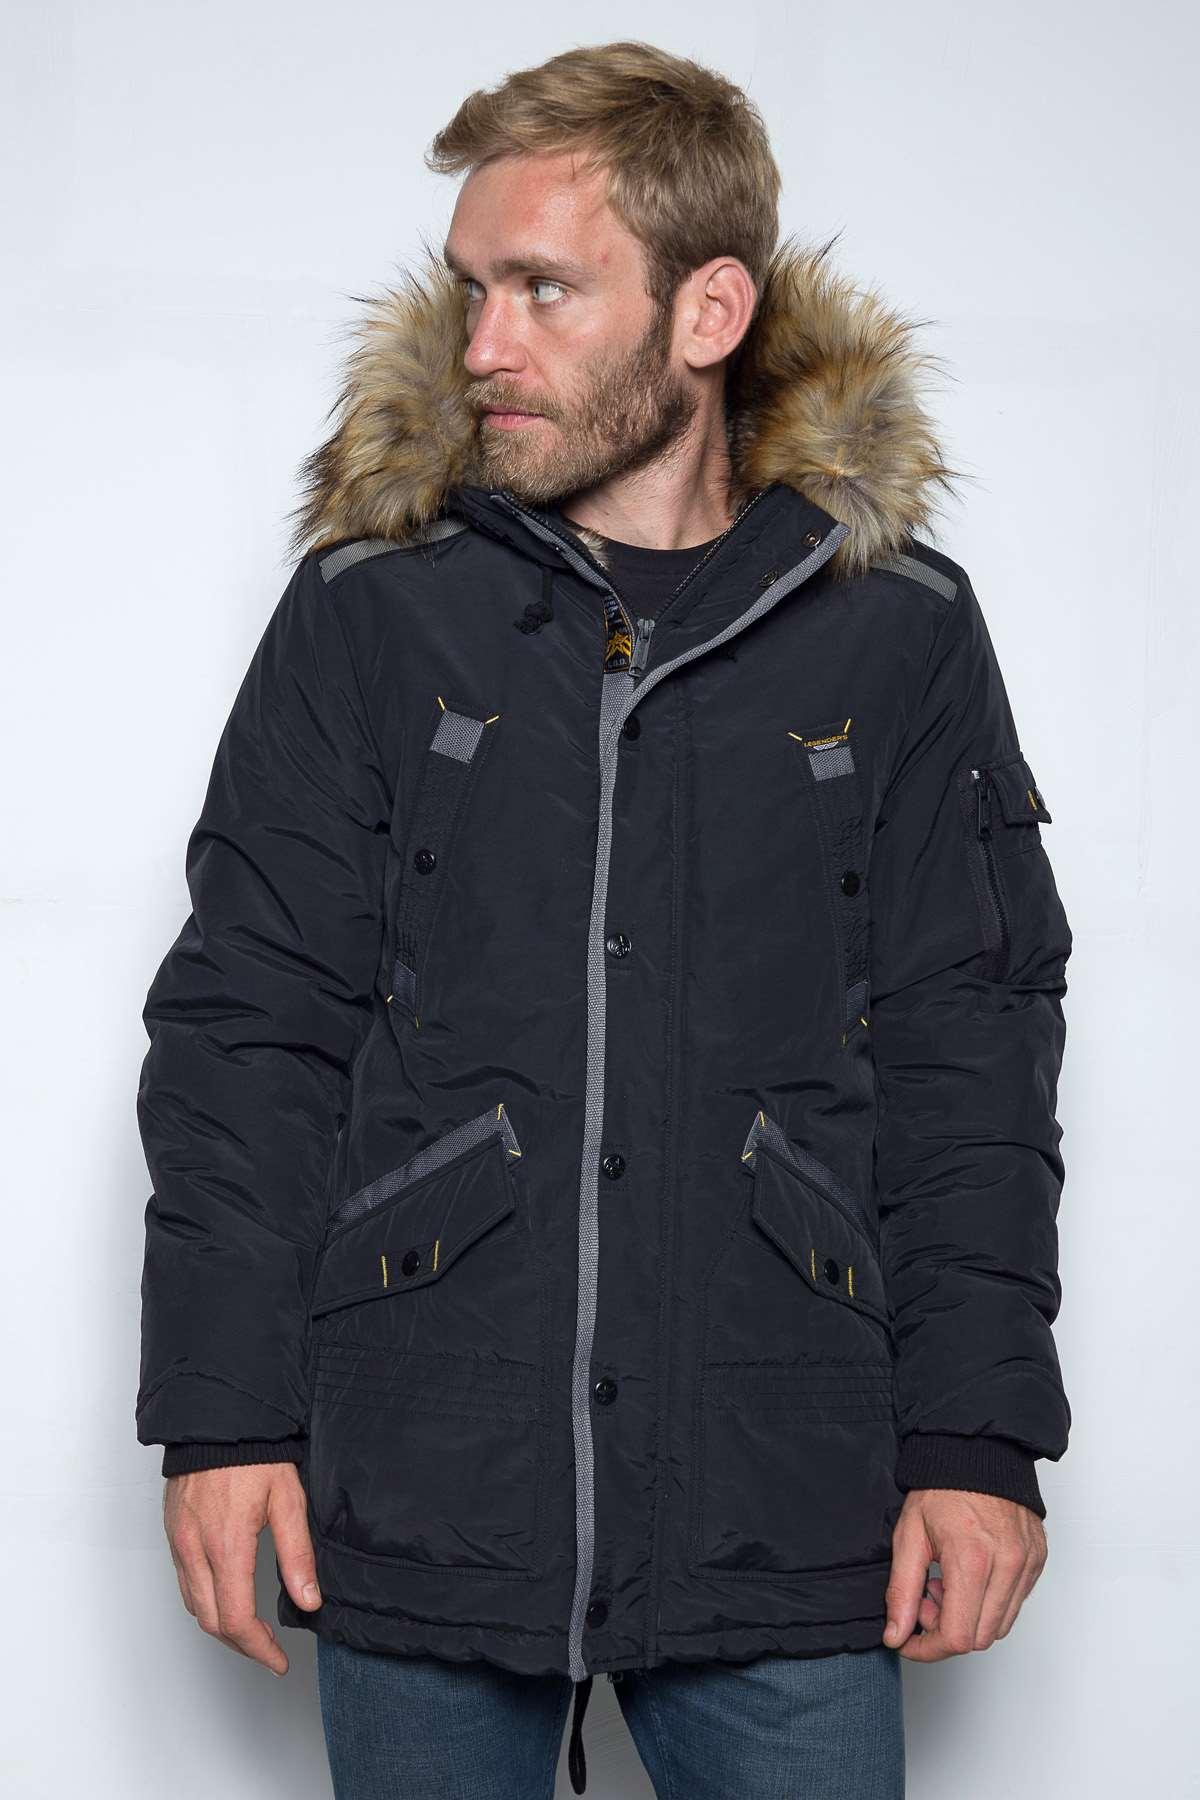 a573a8f4 Куртка- аляска Aspen LEGENDERS купить в Москве, цена в интернет-магазине  Легионер